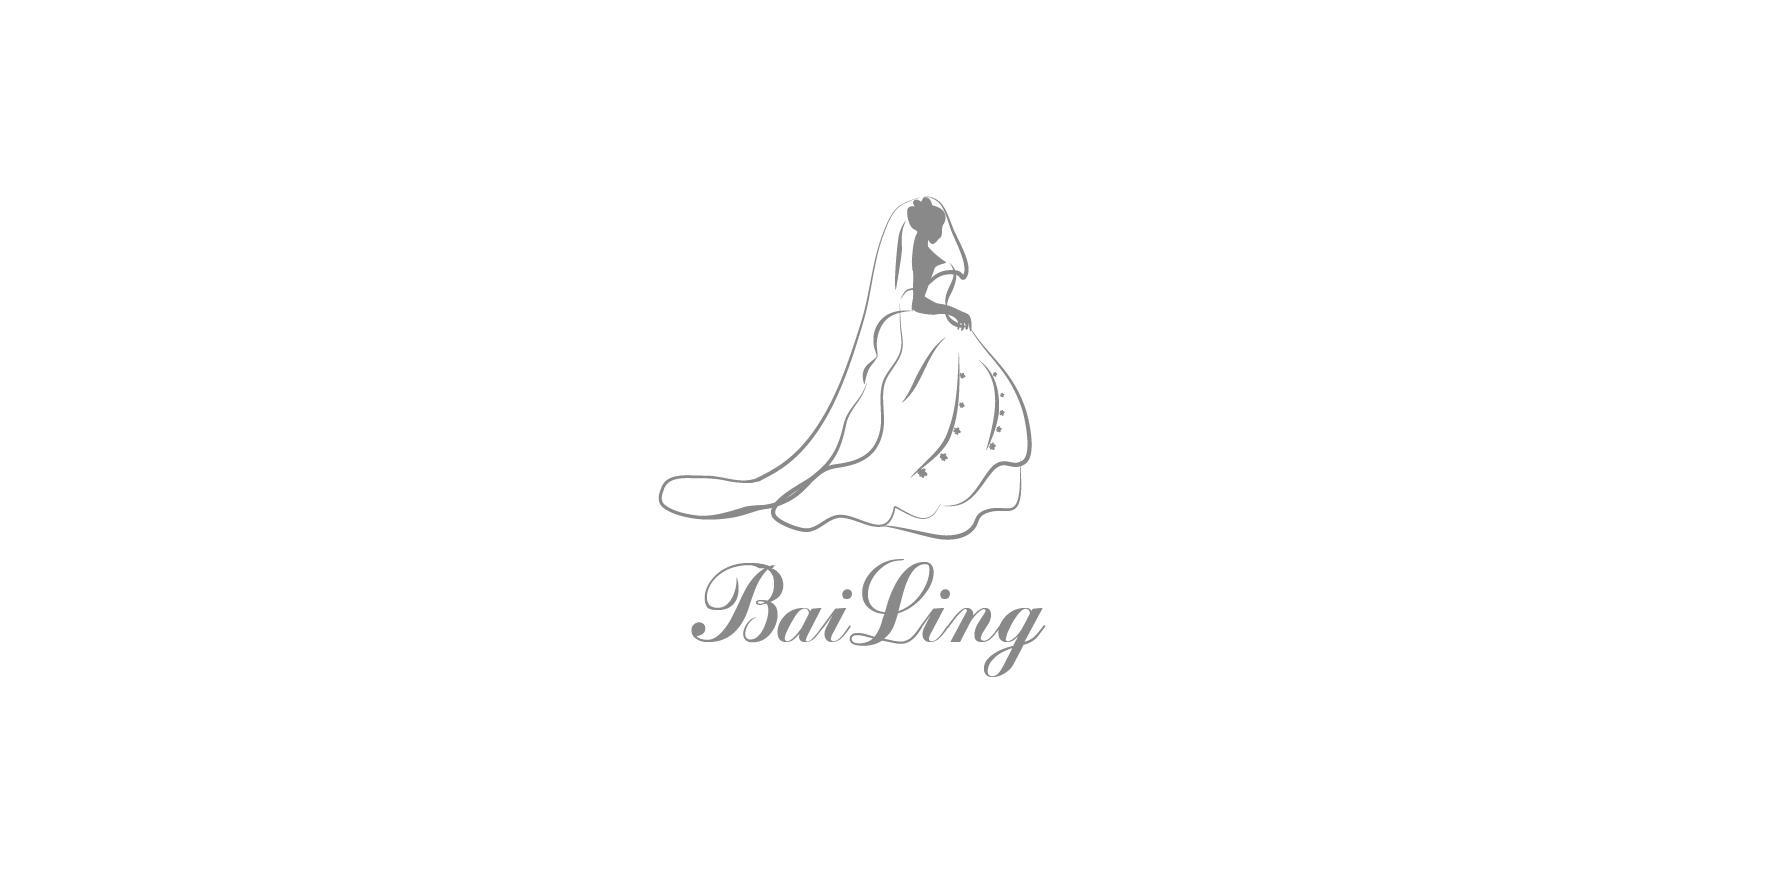 婚纱店logo设计图展示